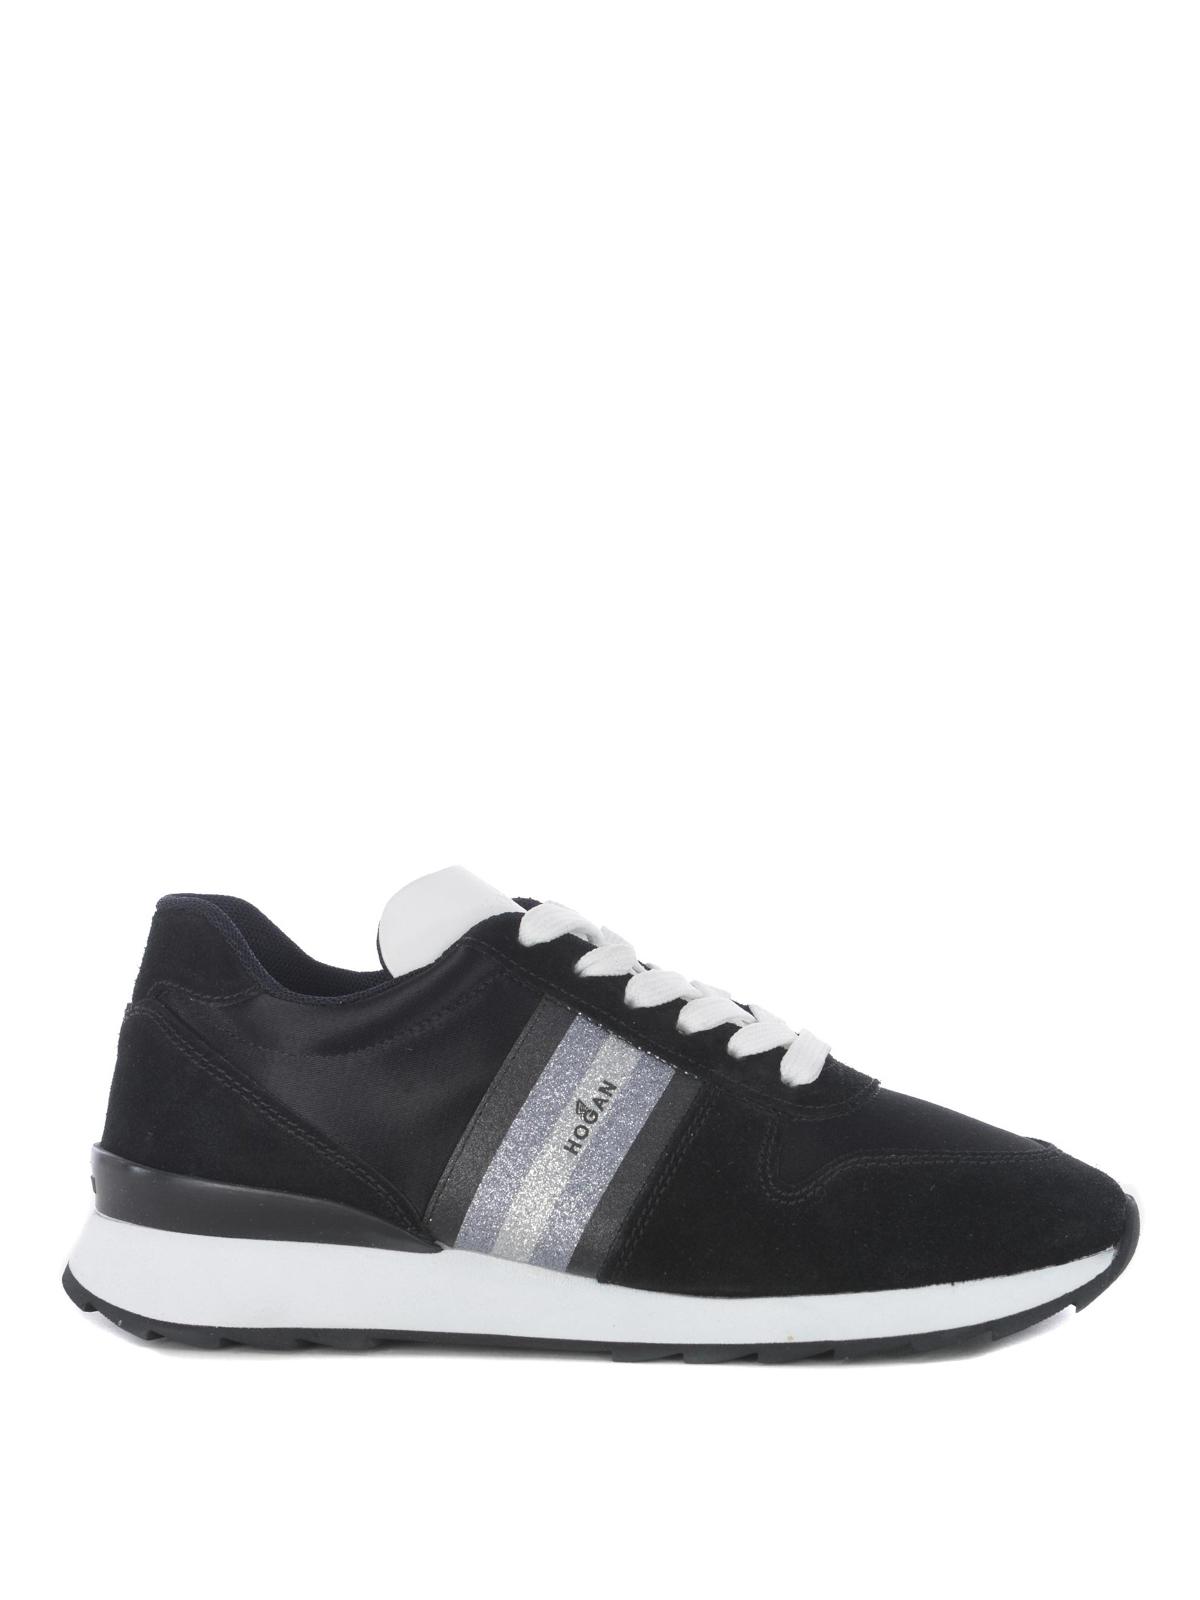 Hogan - Sneaker R261 con banda glitter - sneakers - GYW2610AZ40JZY0002 f44b460aae3